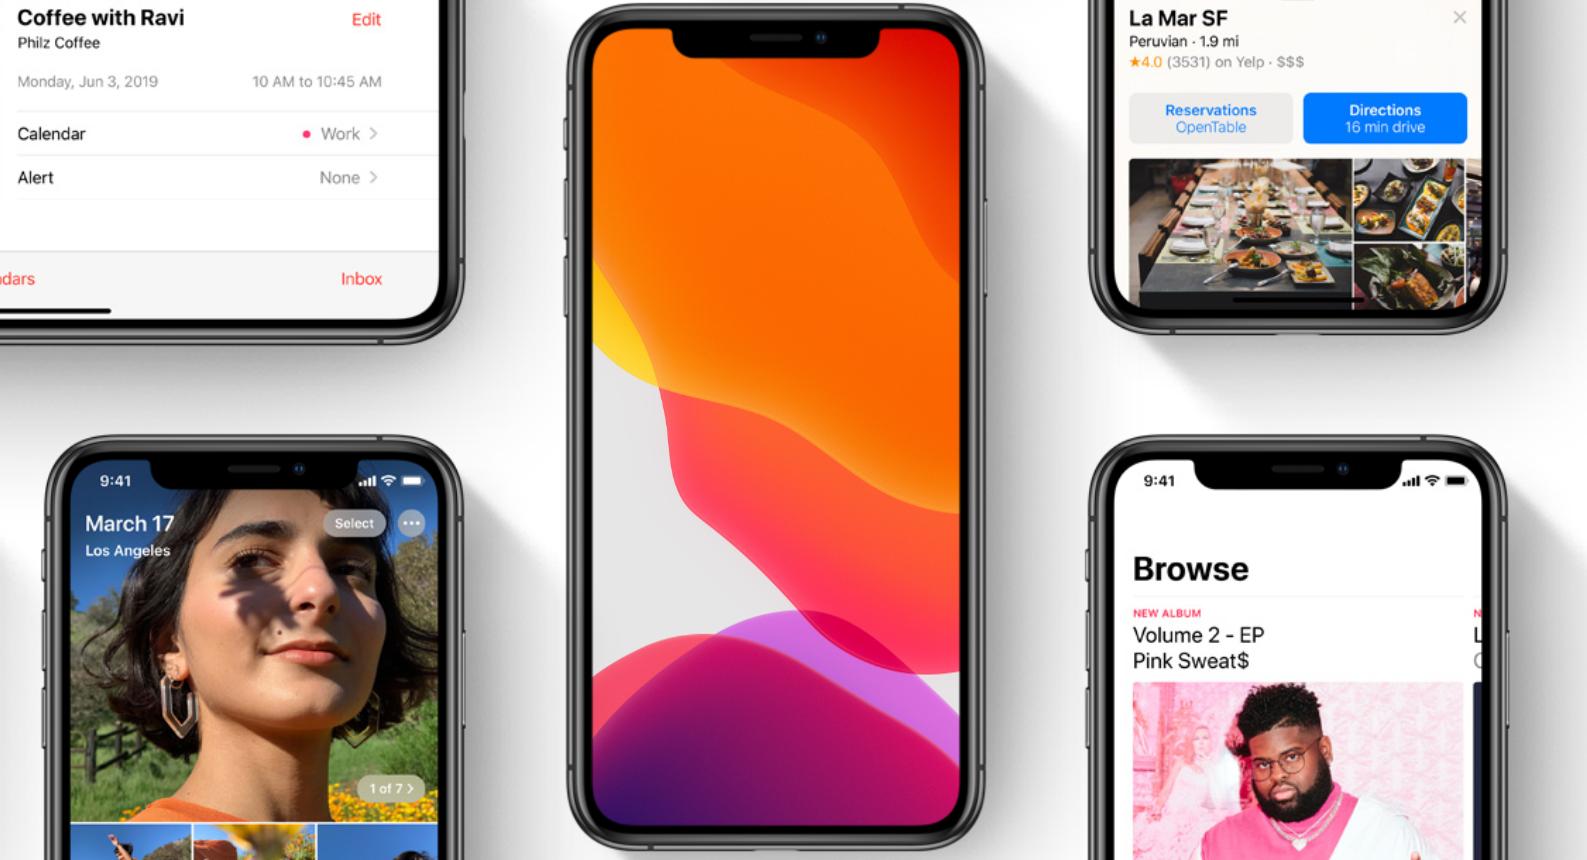 Apple تطلق الإصدار التجريبي 4 من iOS 13 للمطورين لحل المشكلة الخطيرة التي تؤثر على تلقي المكالمات على بعض أجهزة iPhone 1